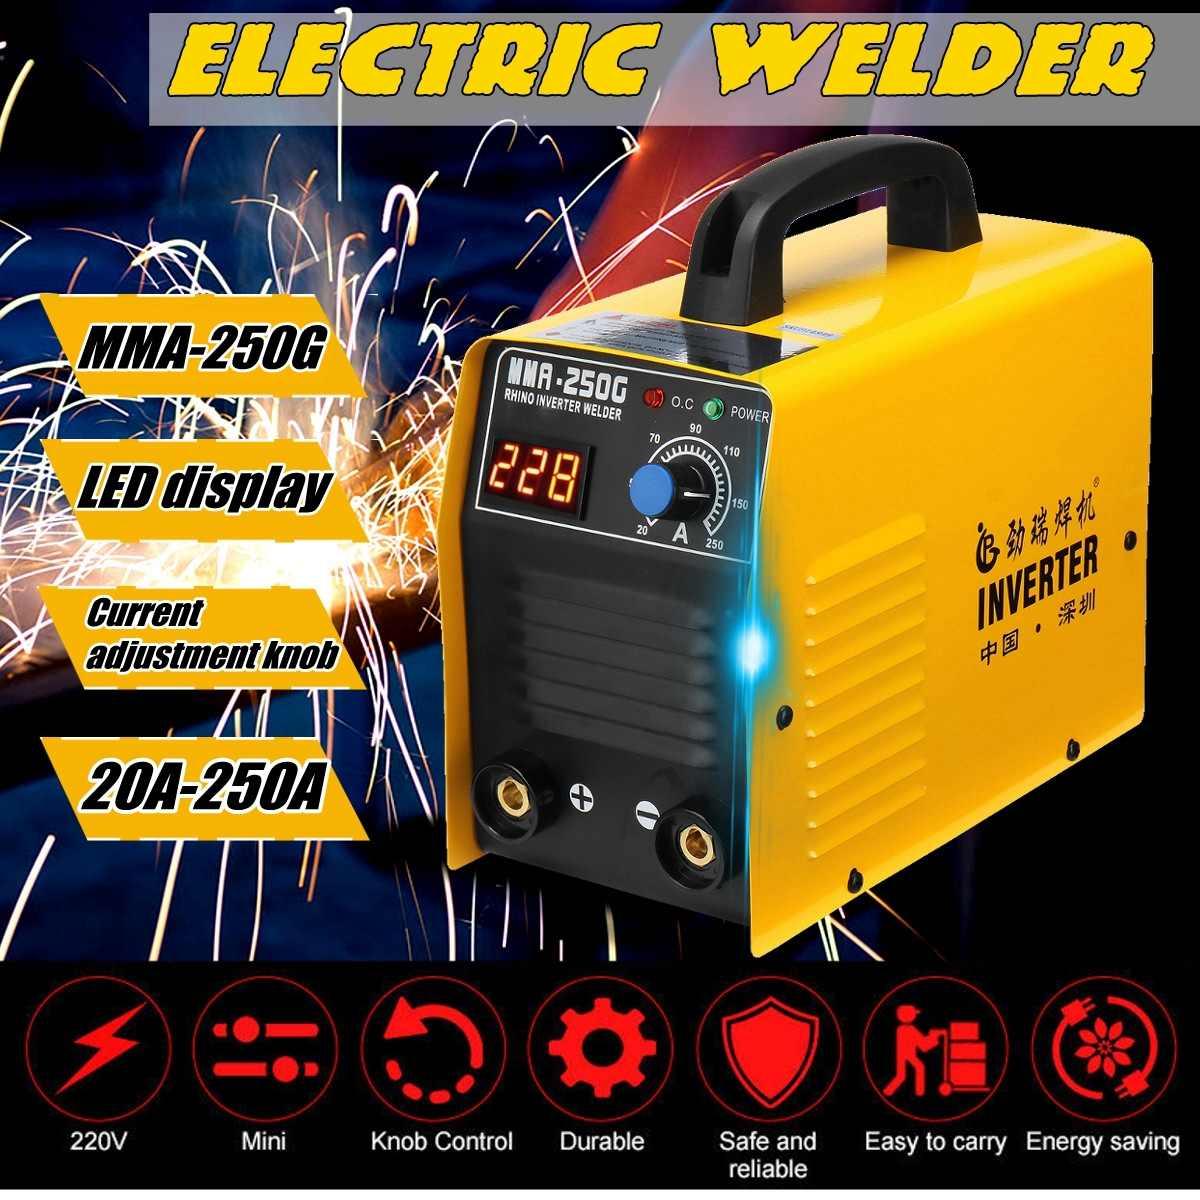 20-250A 25KVA IP21 инвертор дуговой электросварочный аппарат IGBT/MMA/Arc/ZX7 сварочный аппарат для сварки Электрический Рабочий цифровой дисплей